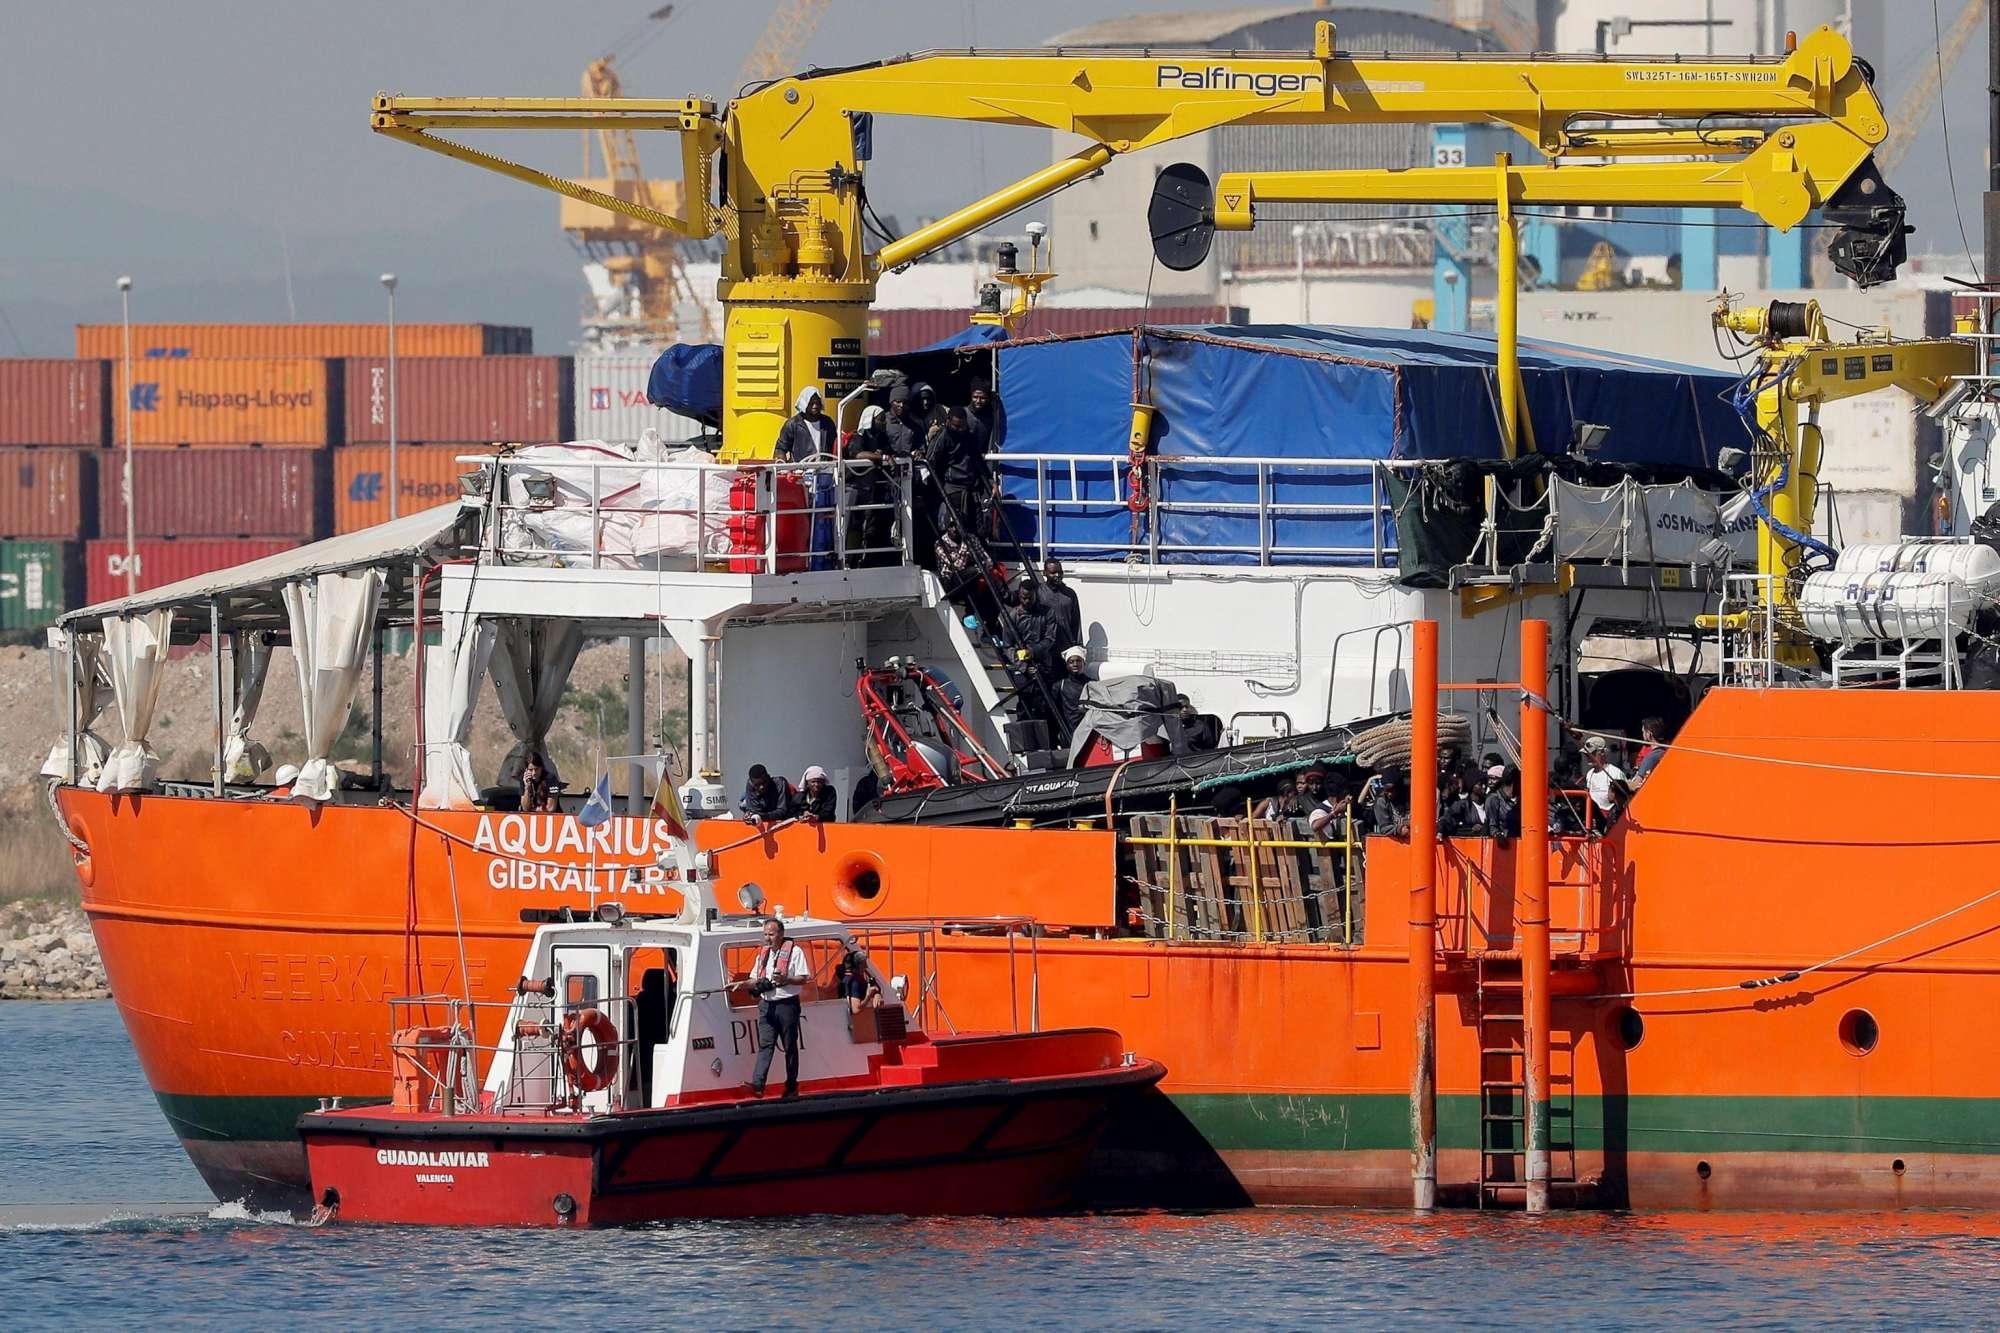 Aquarius, i migranti arrivano nel porto di Valencia